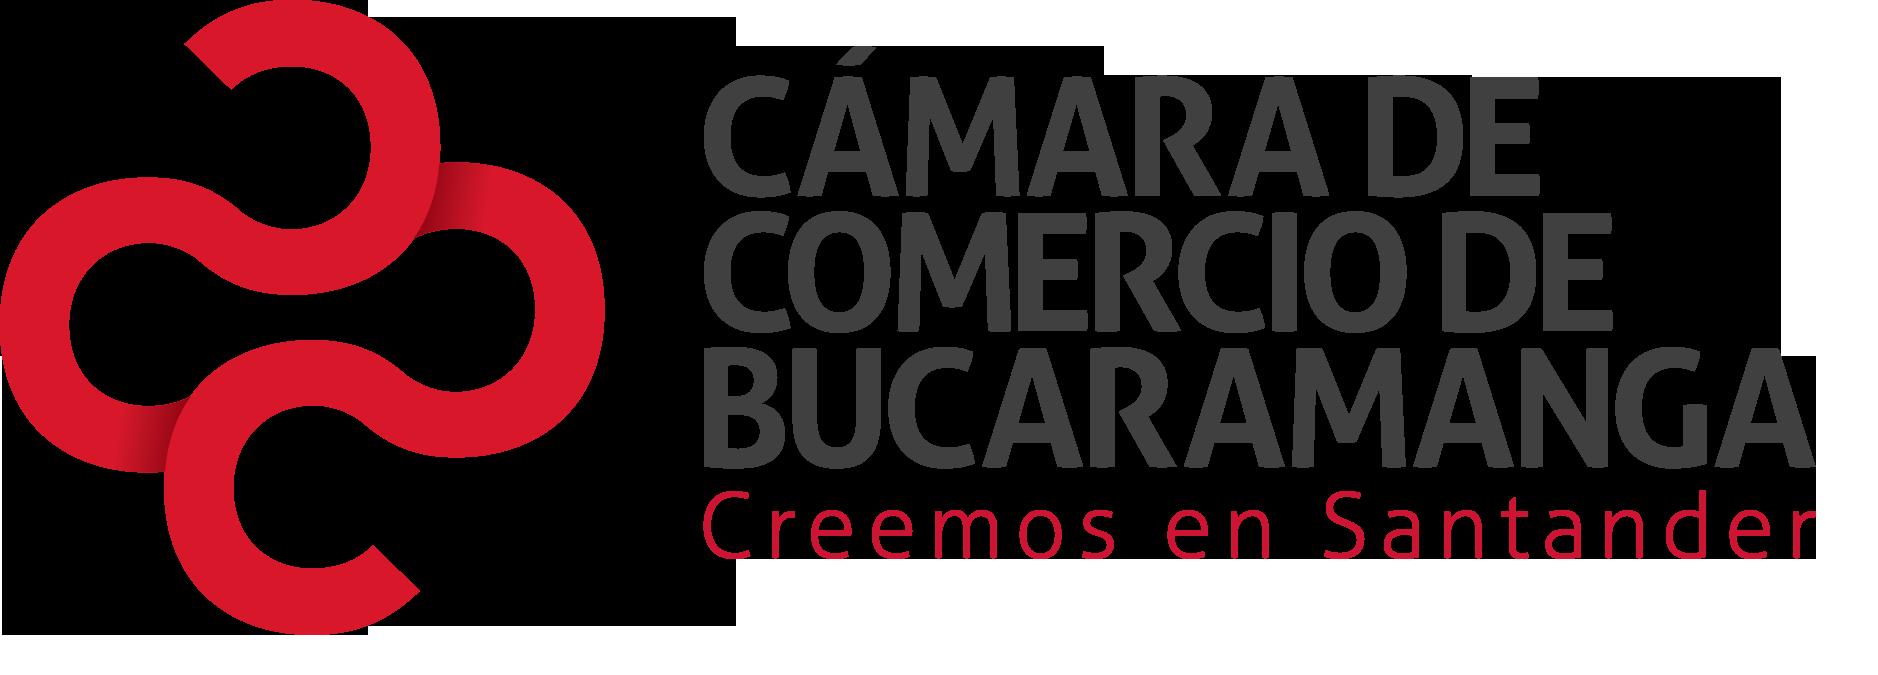 Cámara de Comercio de Bucaramanga